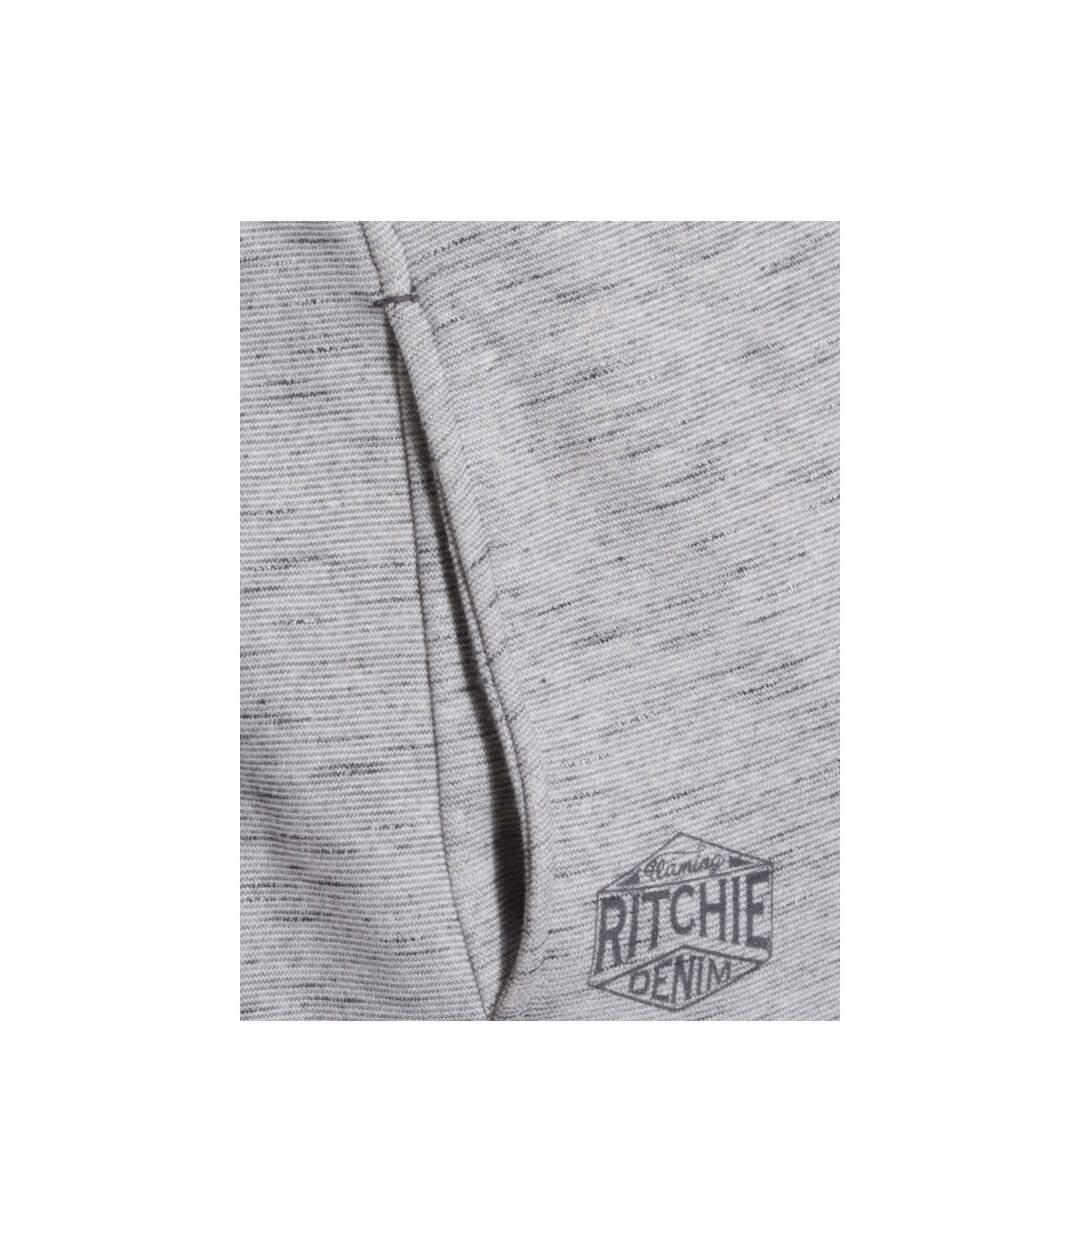 SWEAT ZIPPE WIZMAN - RITCHIE